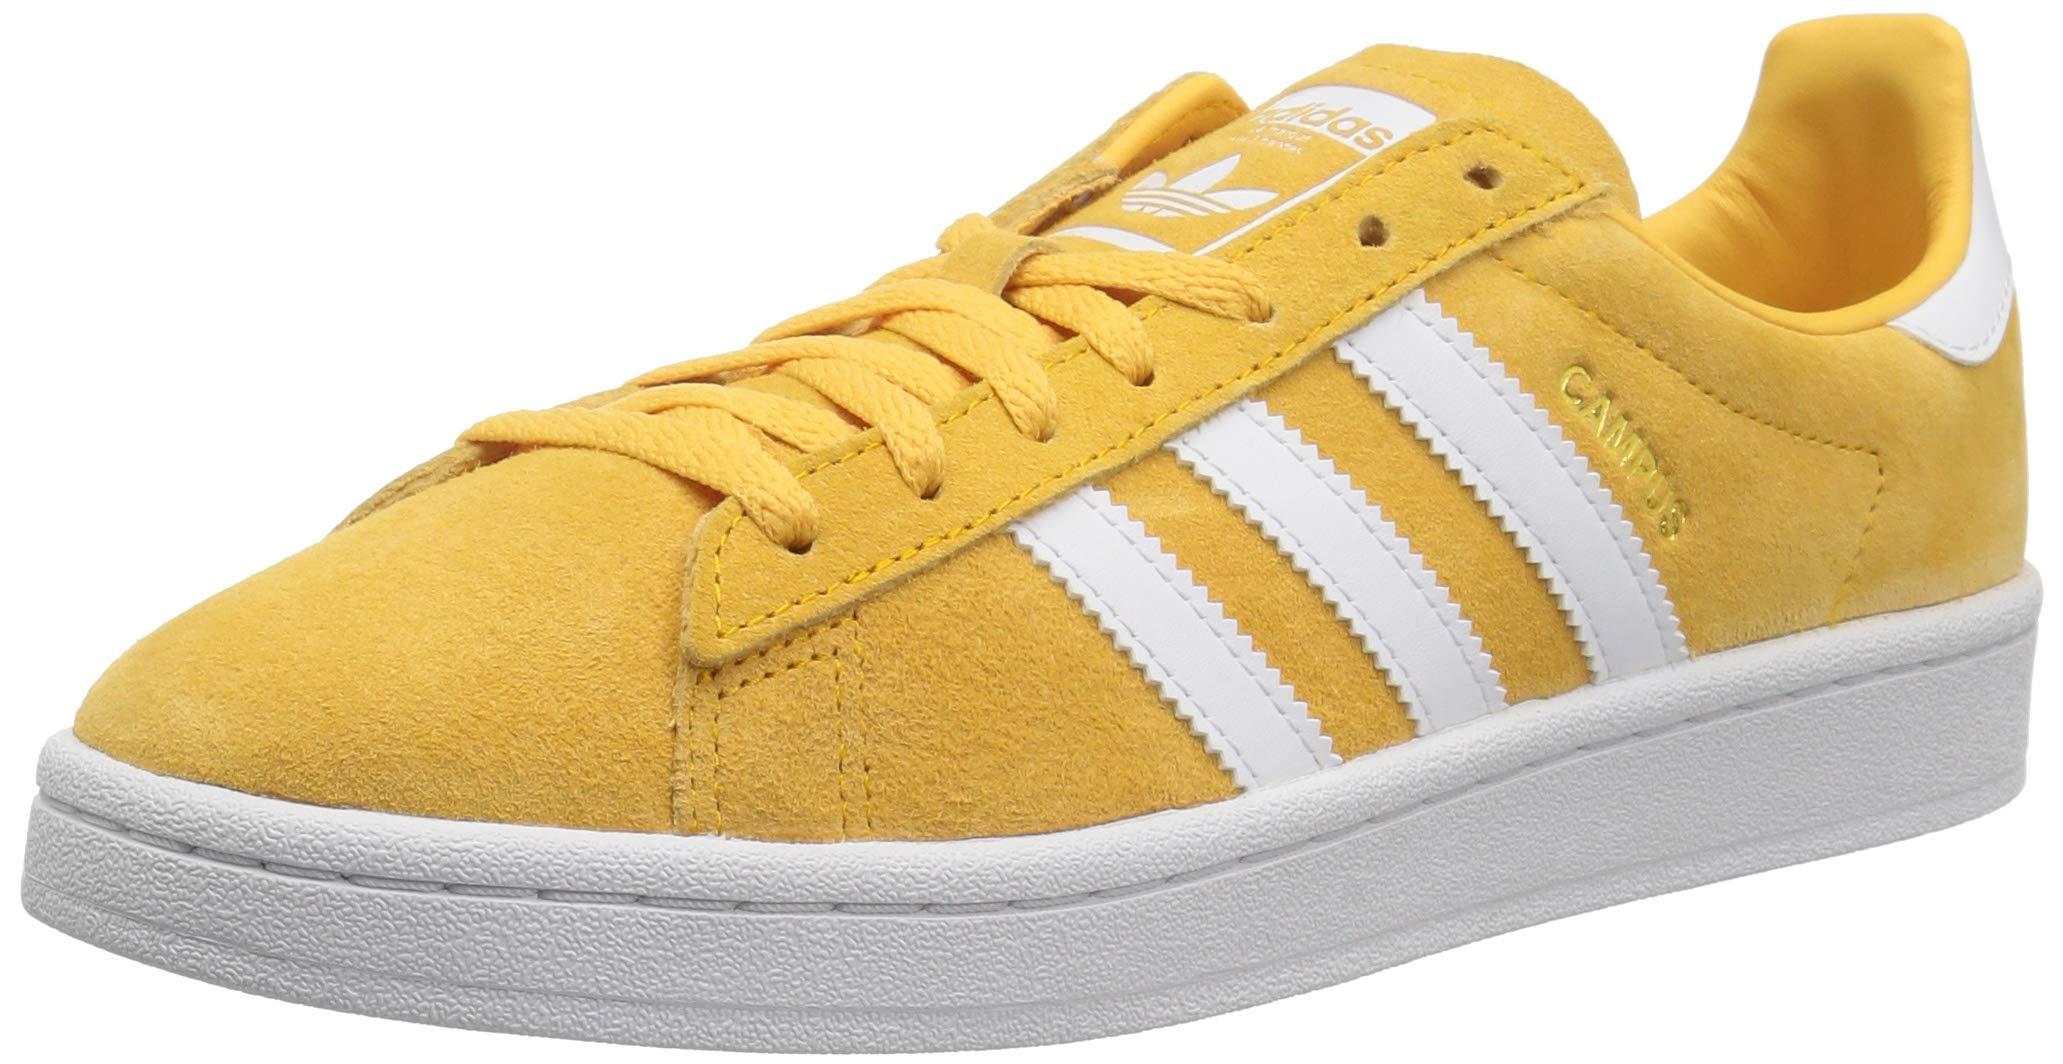 8e8ae8d8e6e7fa Galleon - Adidas Originals Women s Campus Sneaker